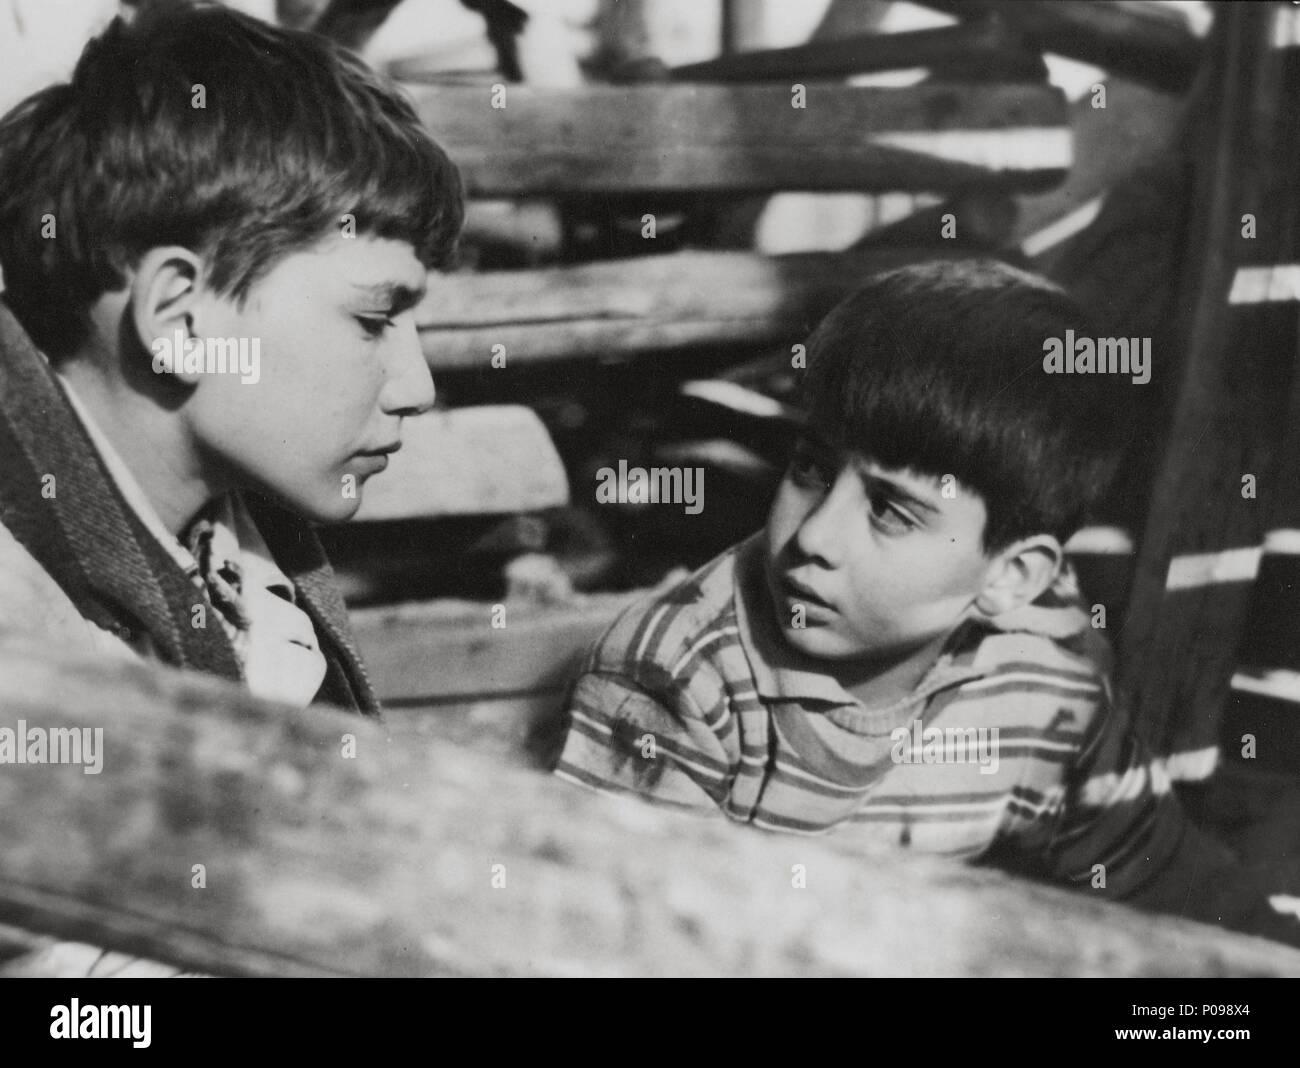 Original Film Title: TOTO E MARCELLINO. English Title: TOTO AND ...